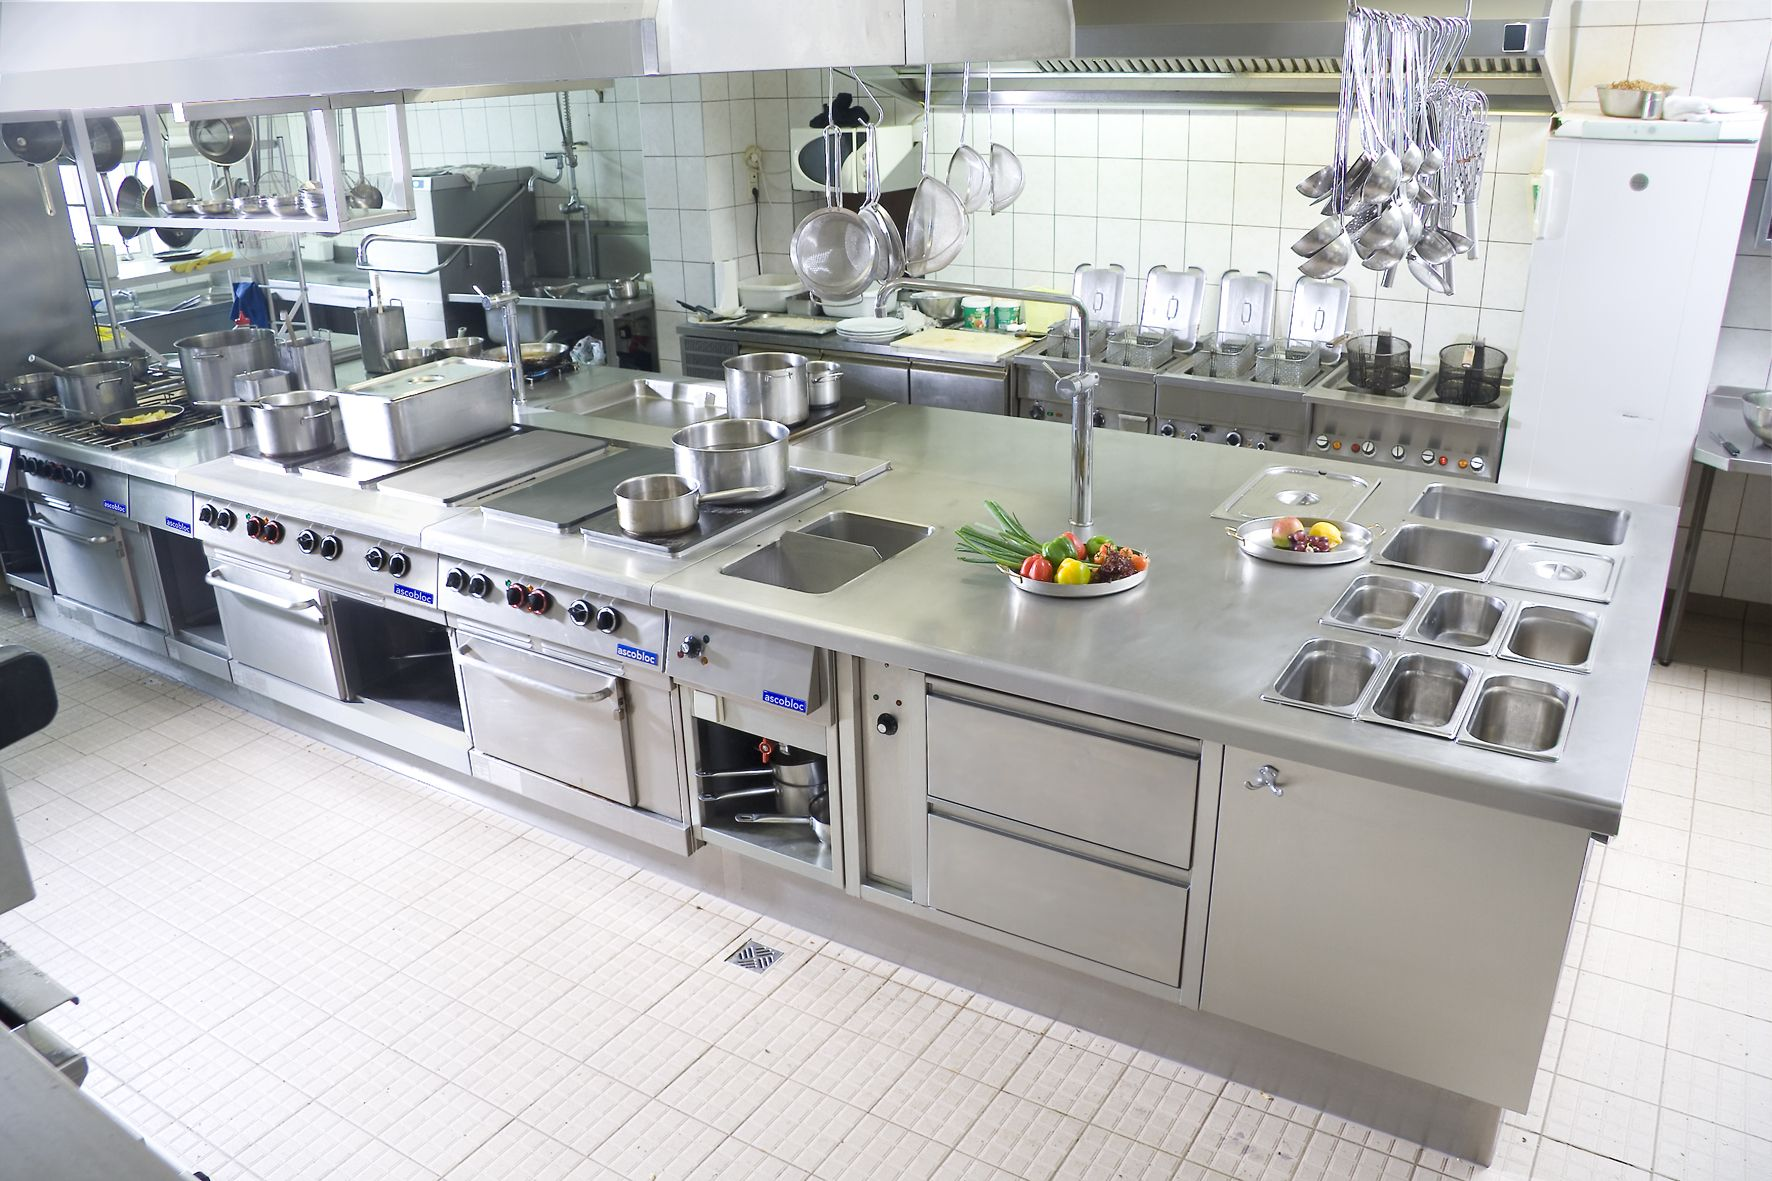 Gastronomie Küche Raimund – Zur guten Küche